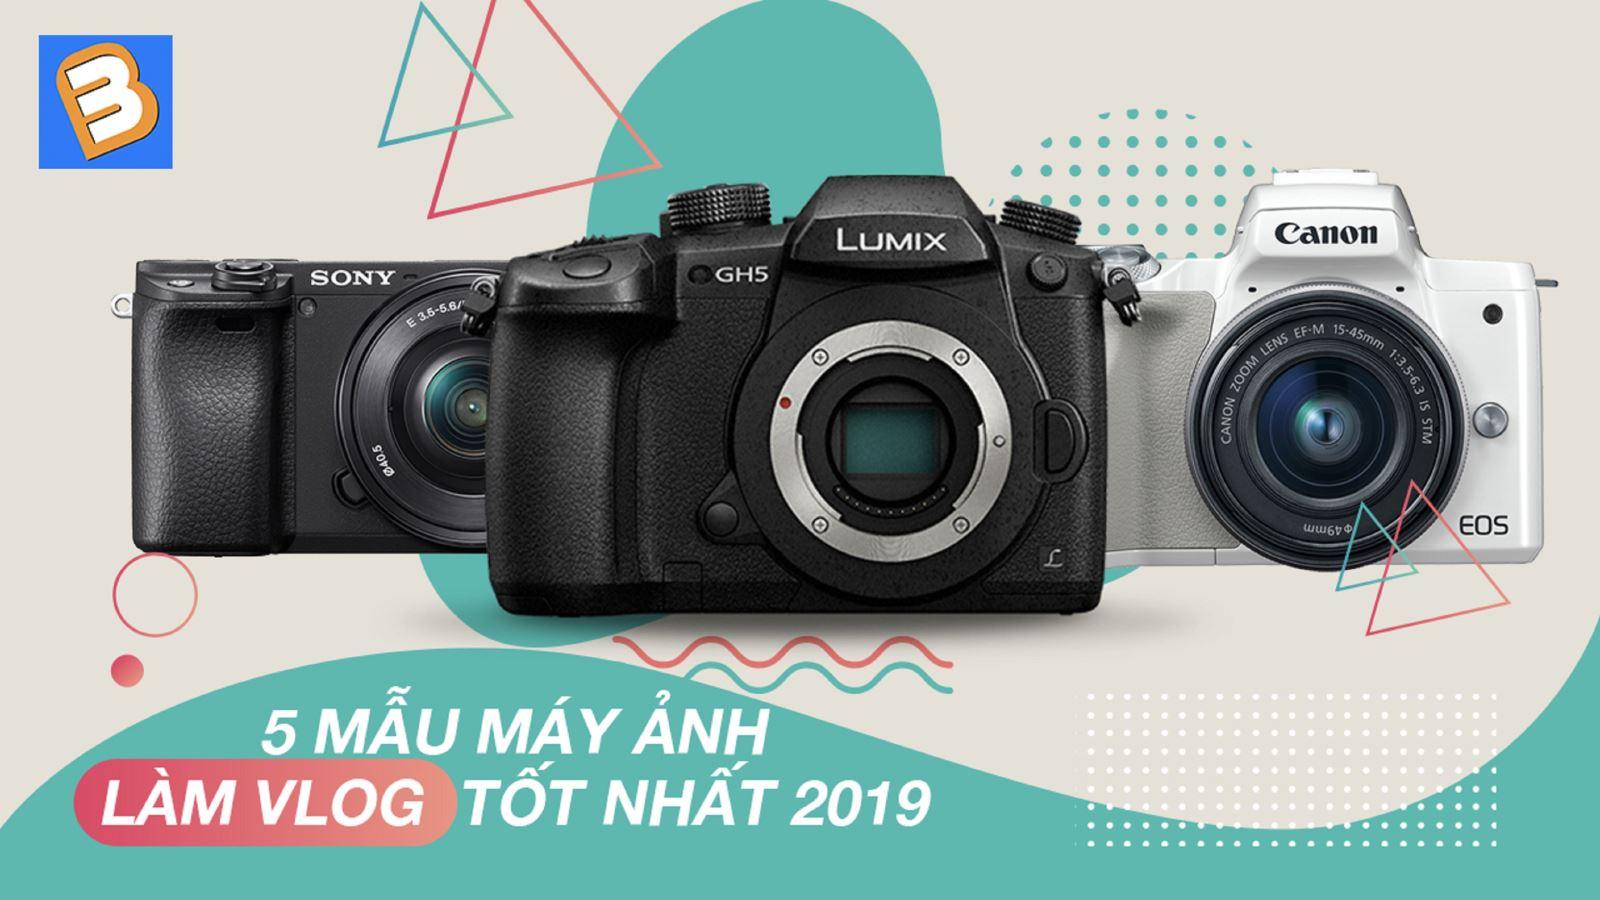 5 mẫu máy ảnh làm vlog tốt nhất 2019